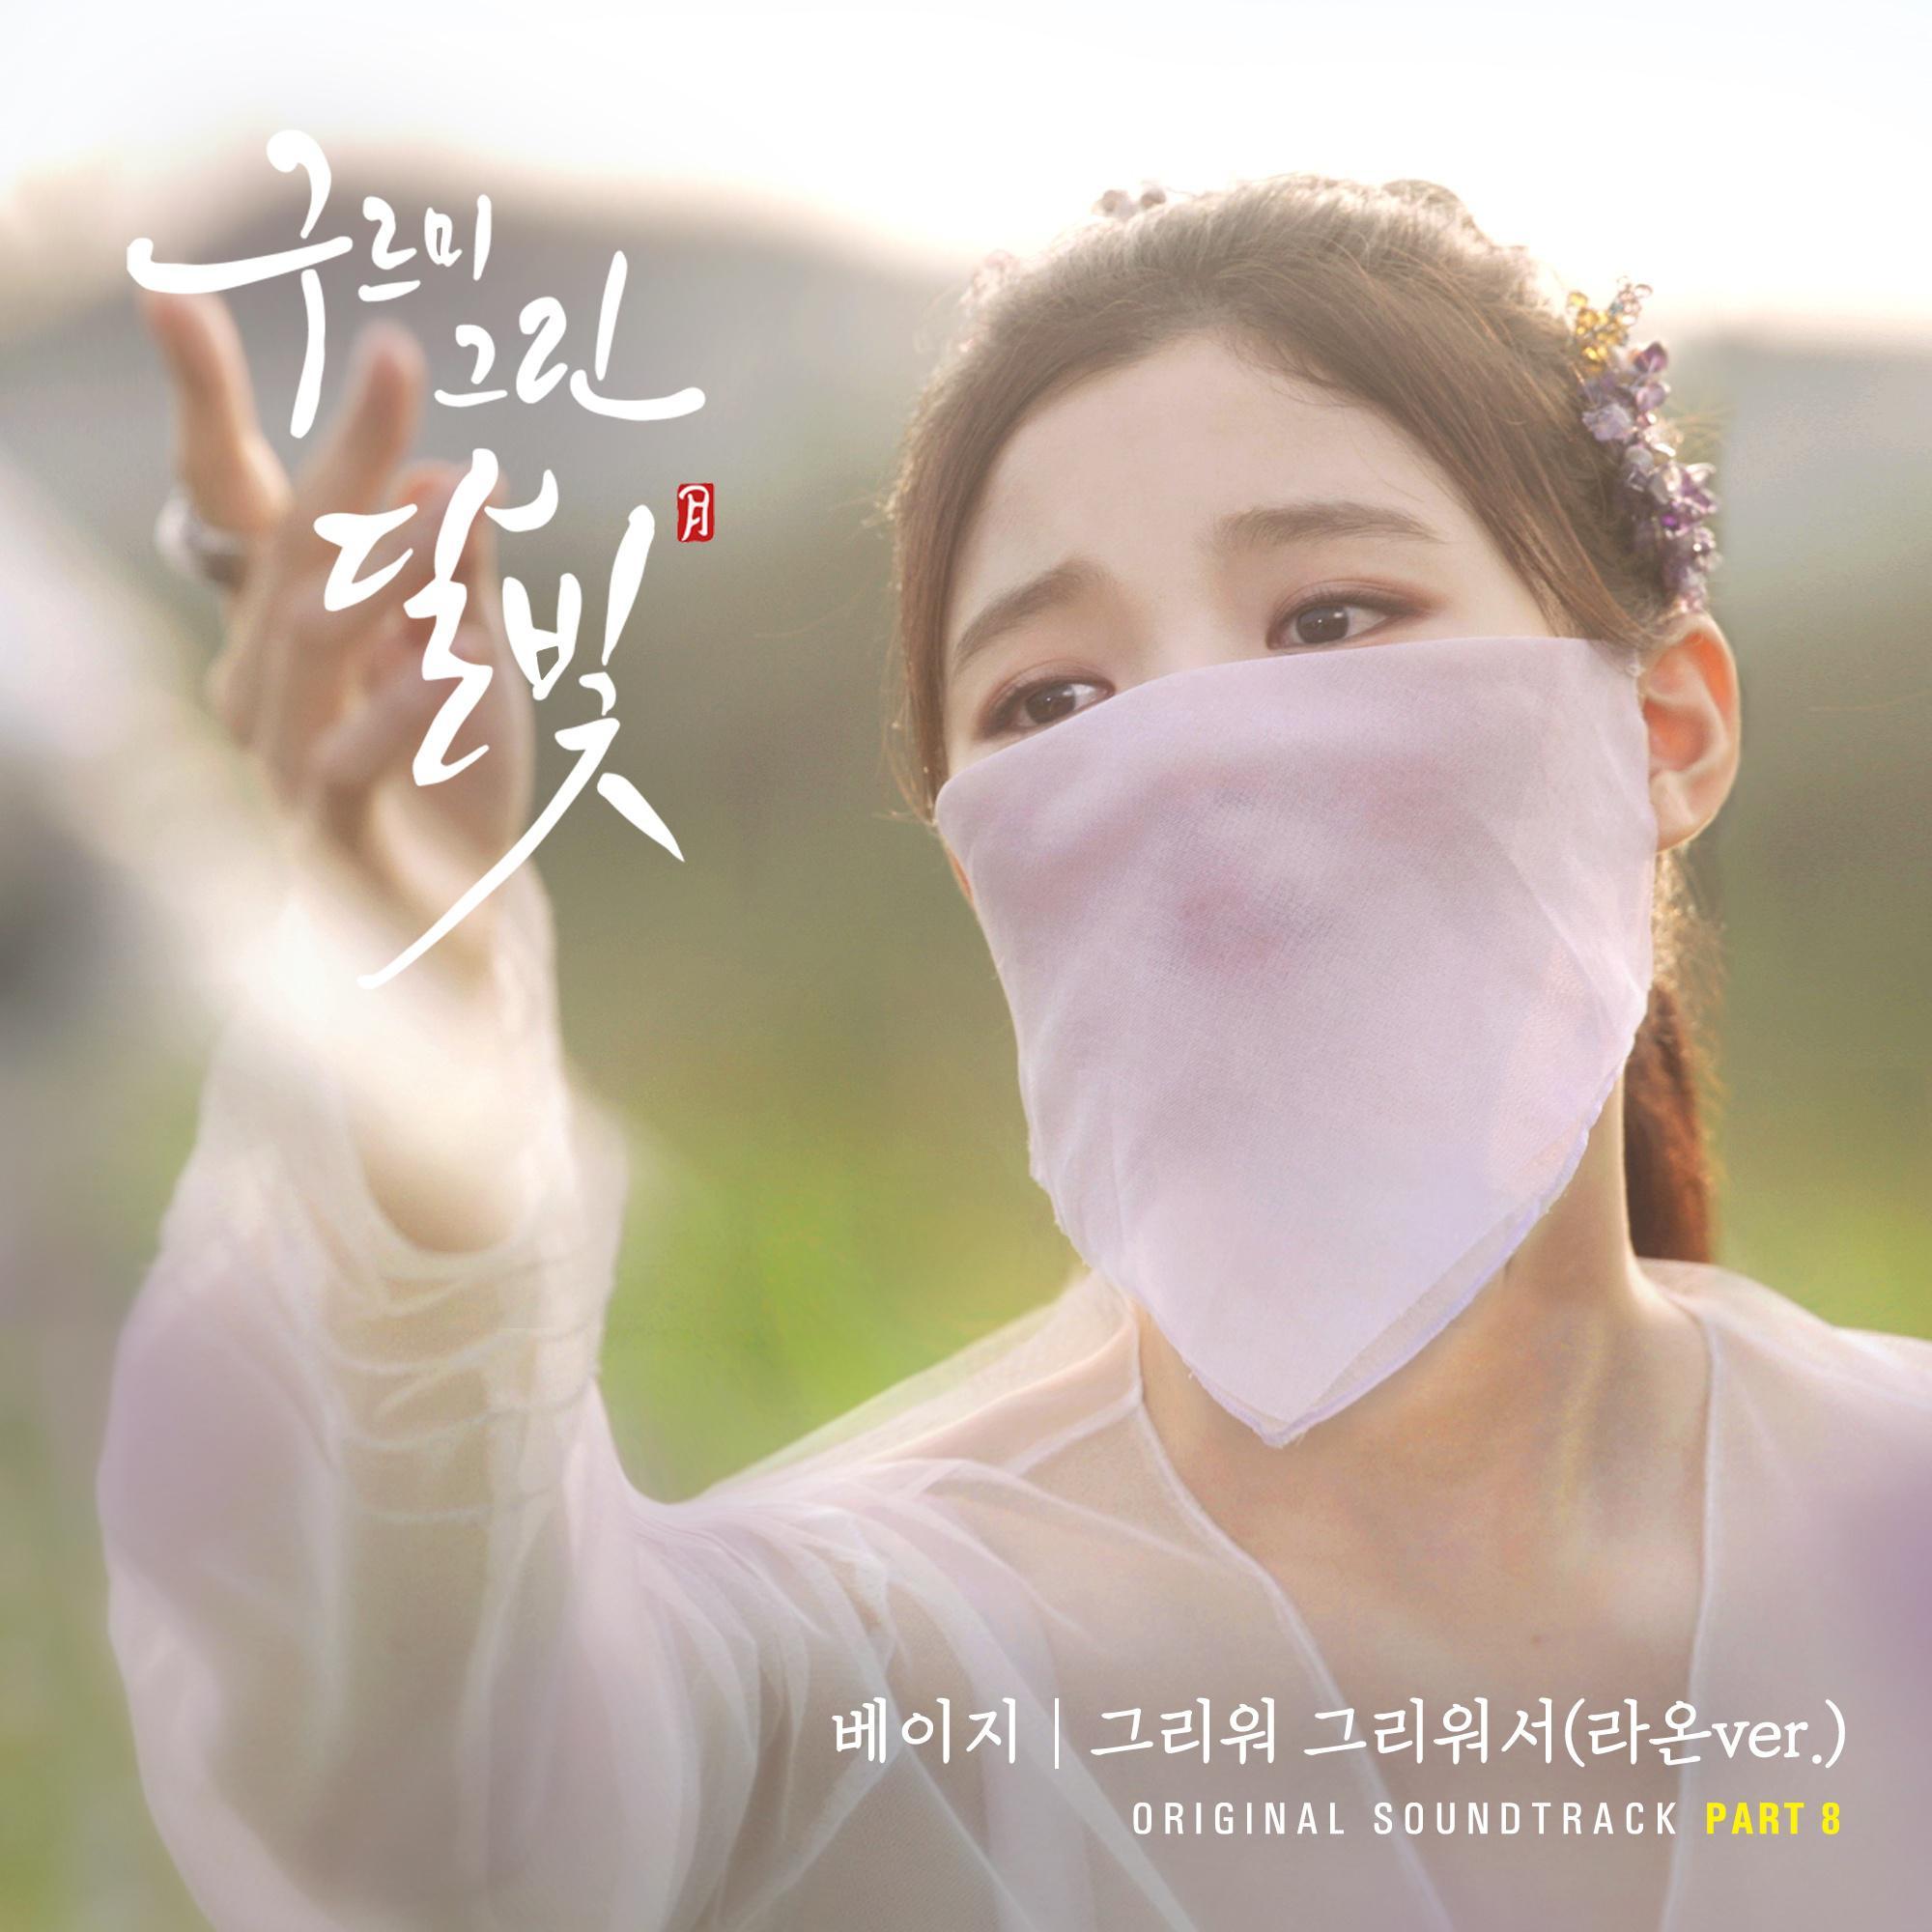 구르미 그린 달빛 OST Part.8